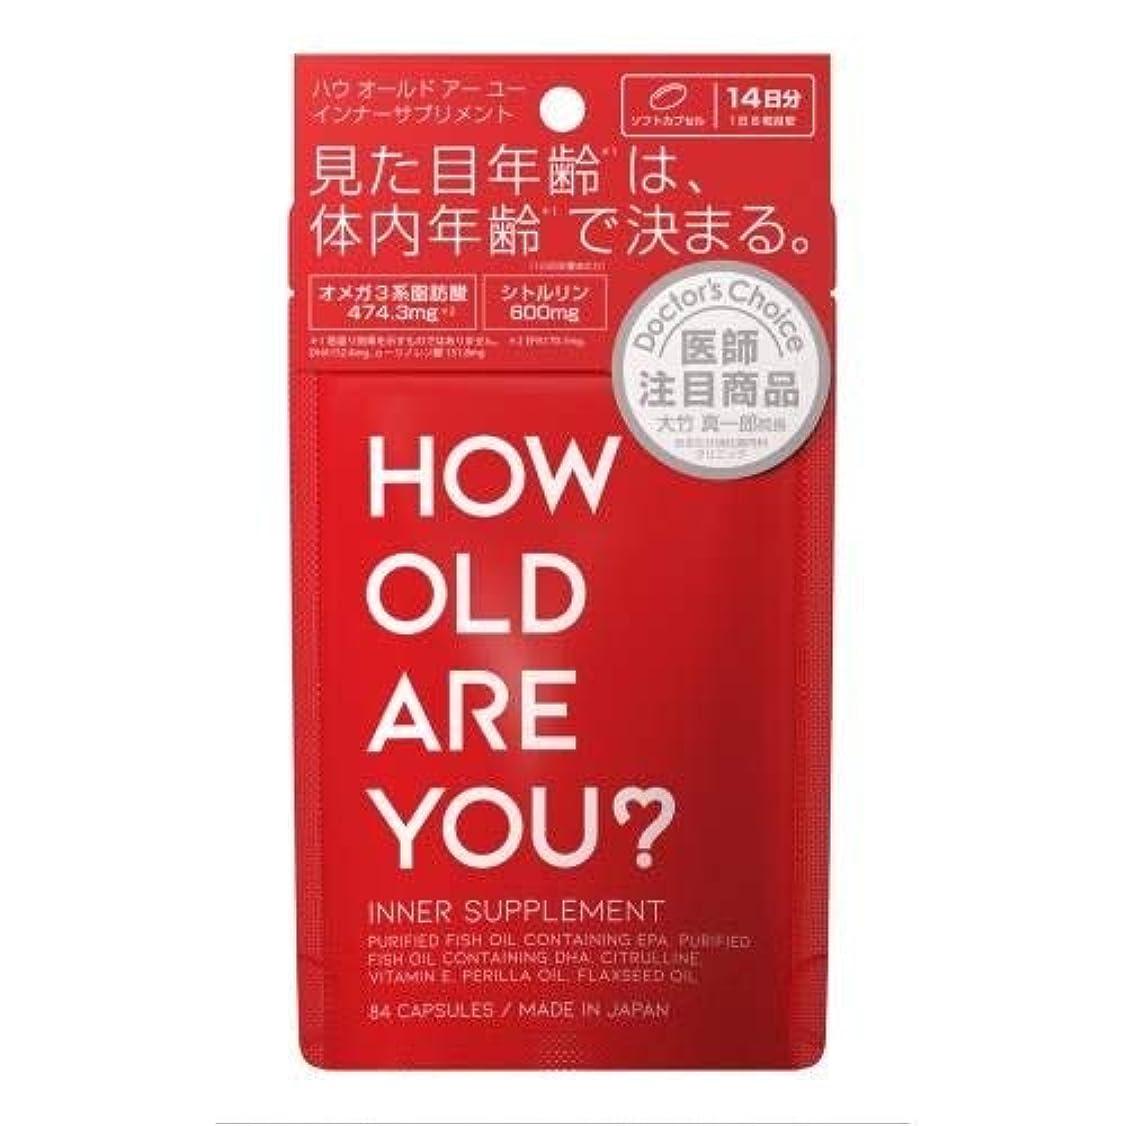 困惑する精神医学単独でHOW OLD ARE YOU?(ハウオールドアーユー) インナーサプリメント 84粒